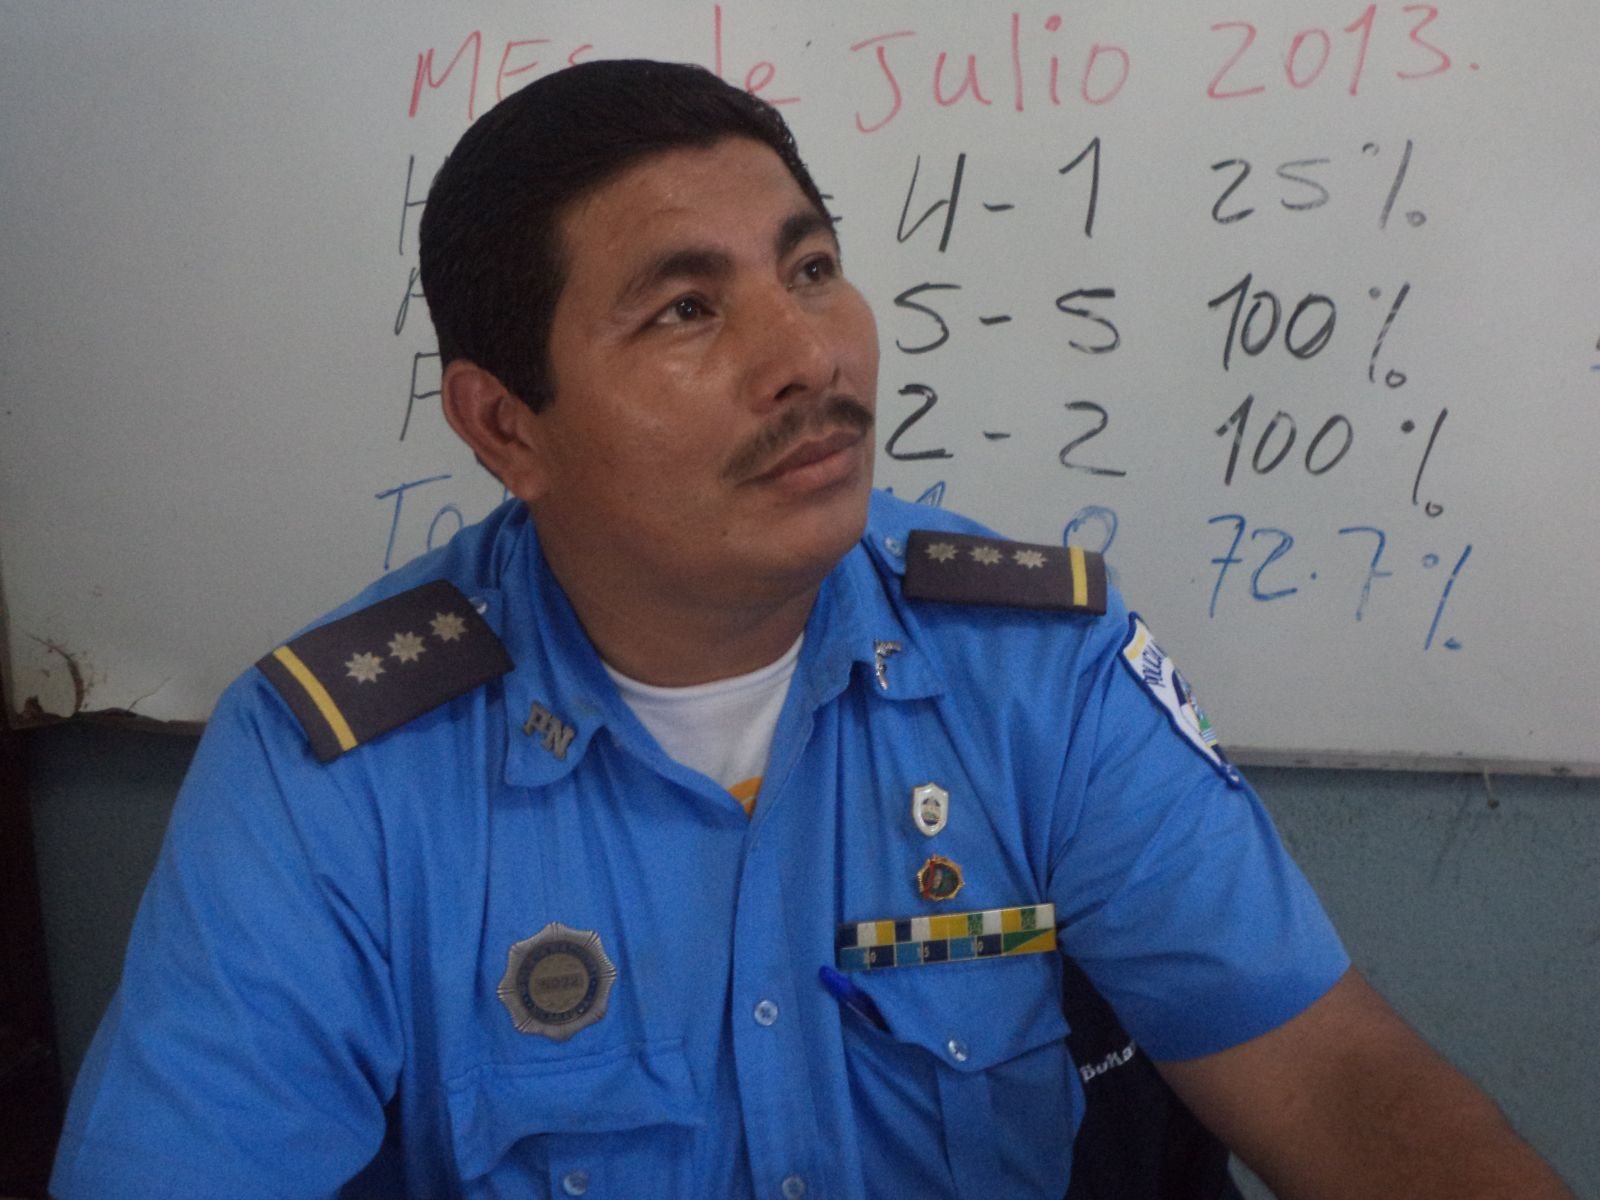 Subcomisionado Luis Duarte, jefe de la dirección de tránsito.